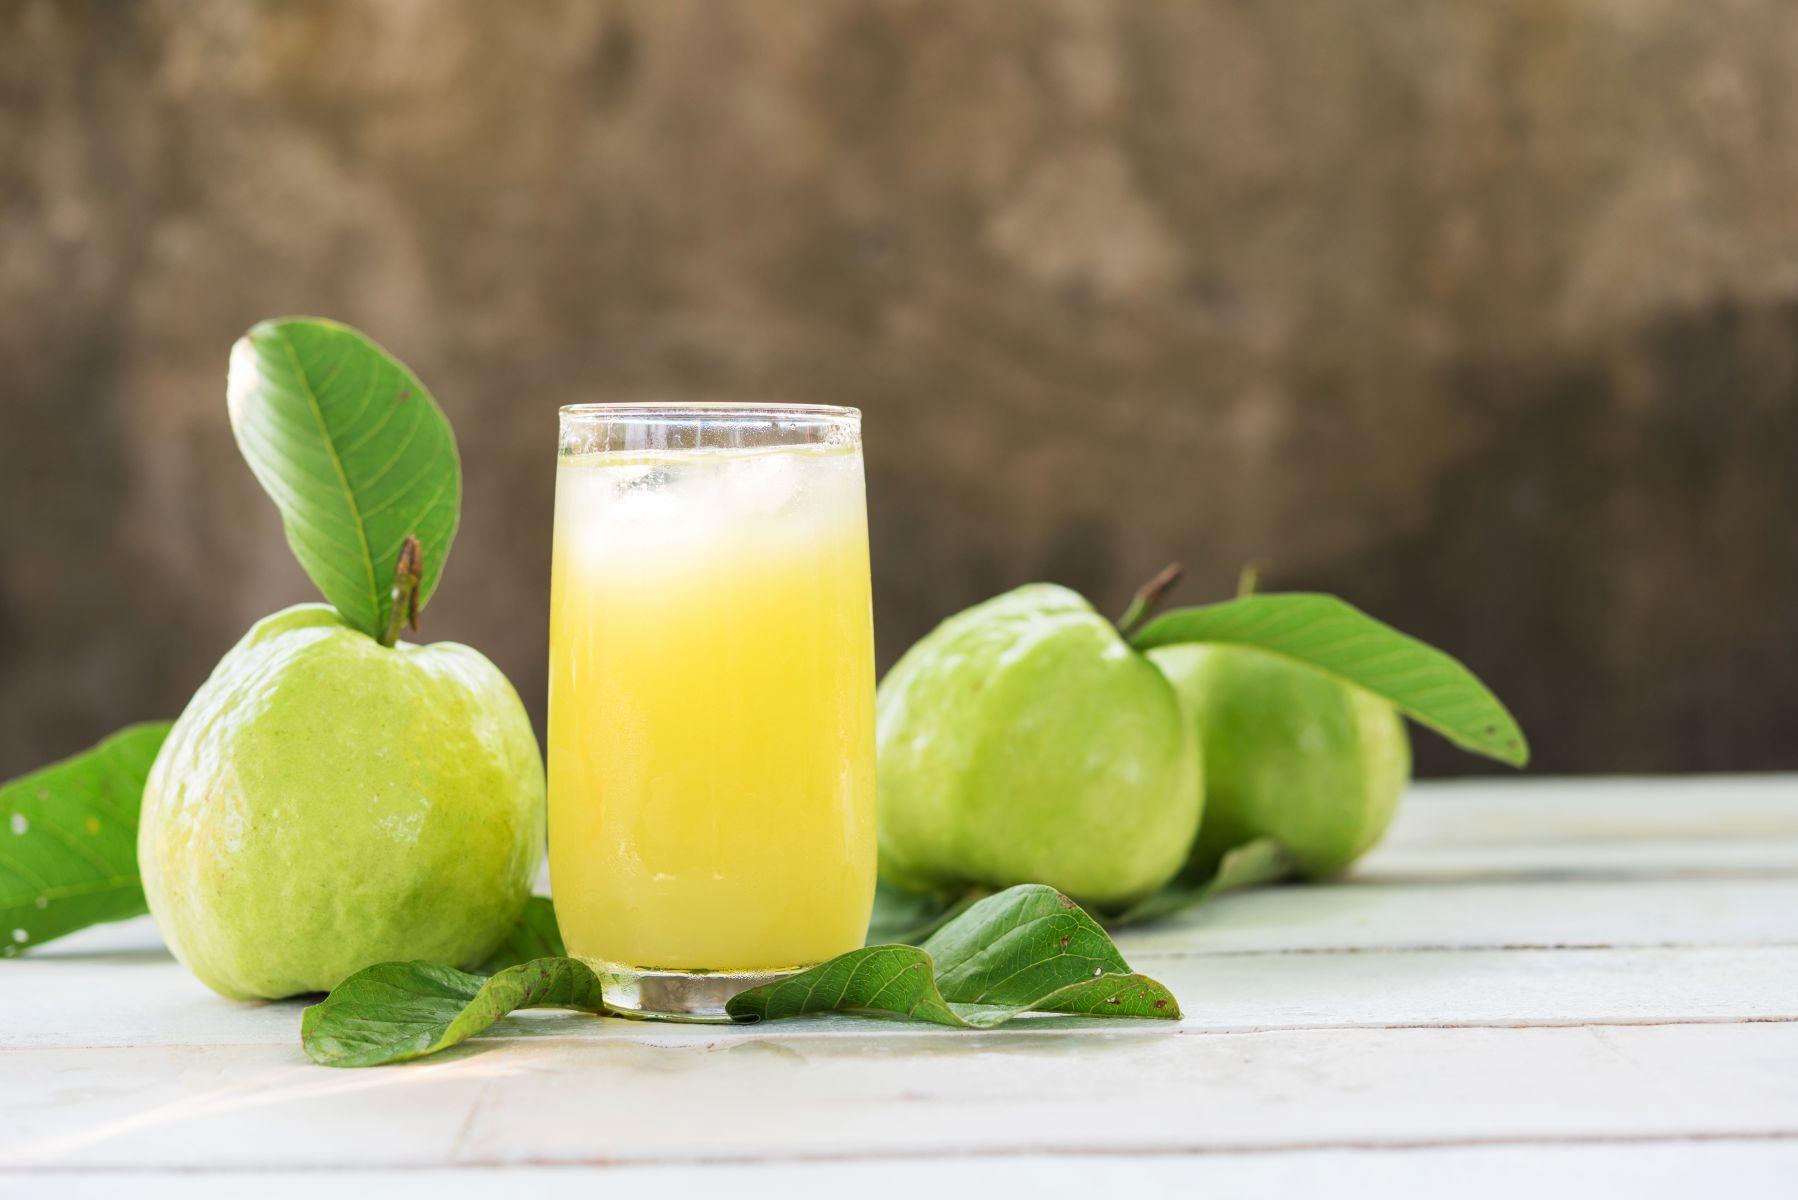 10大排毒水果!農委會證實:去亞硝酸鹽、降低致癌風險最有力